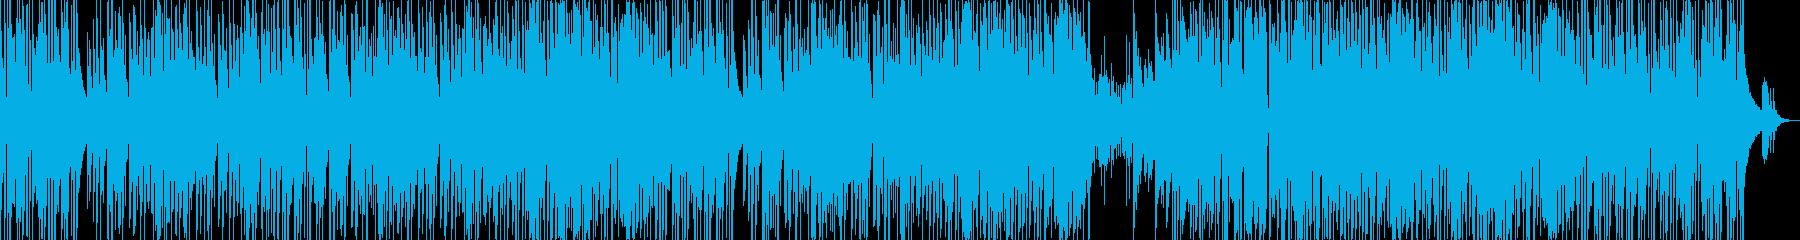 軽快なピアノのトリオジャズ風曲ですの再生済みの波形